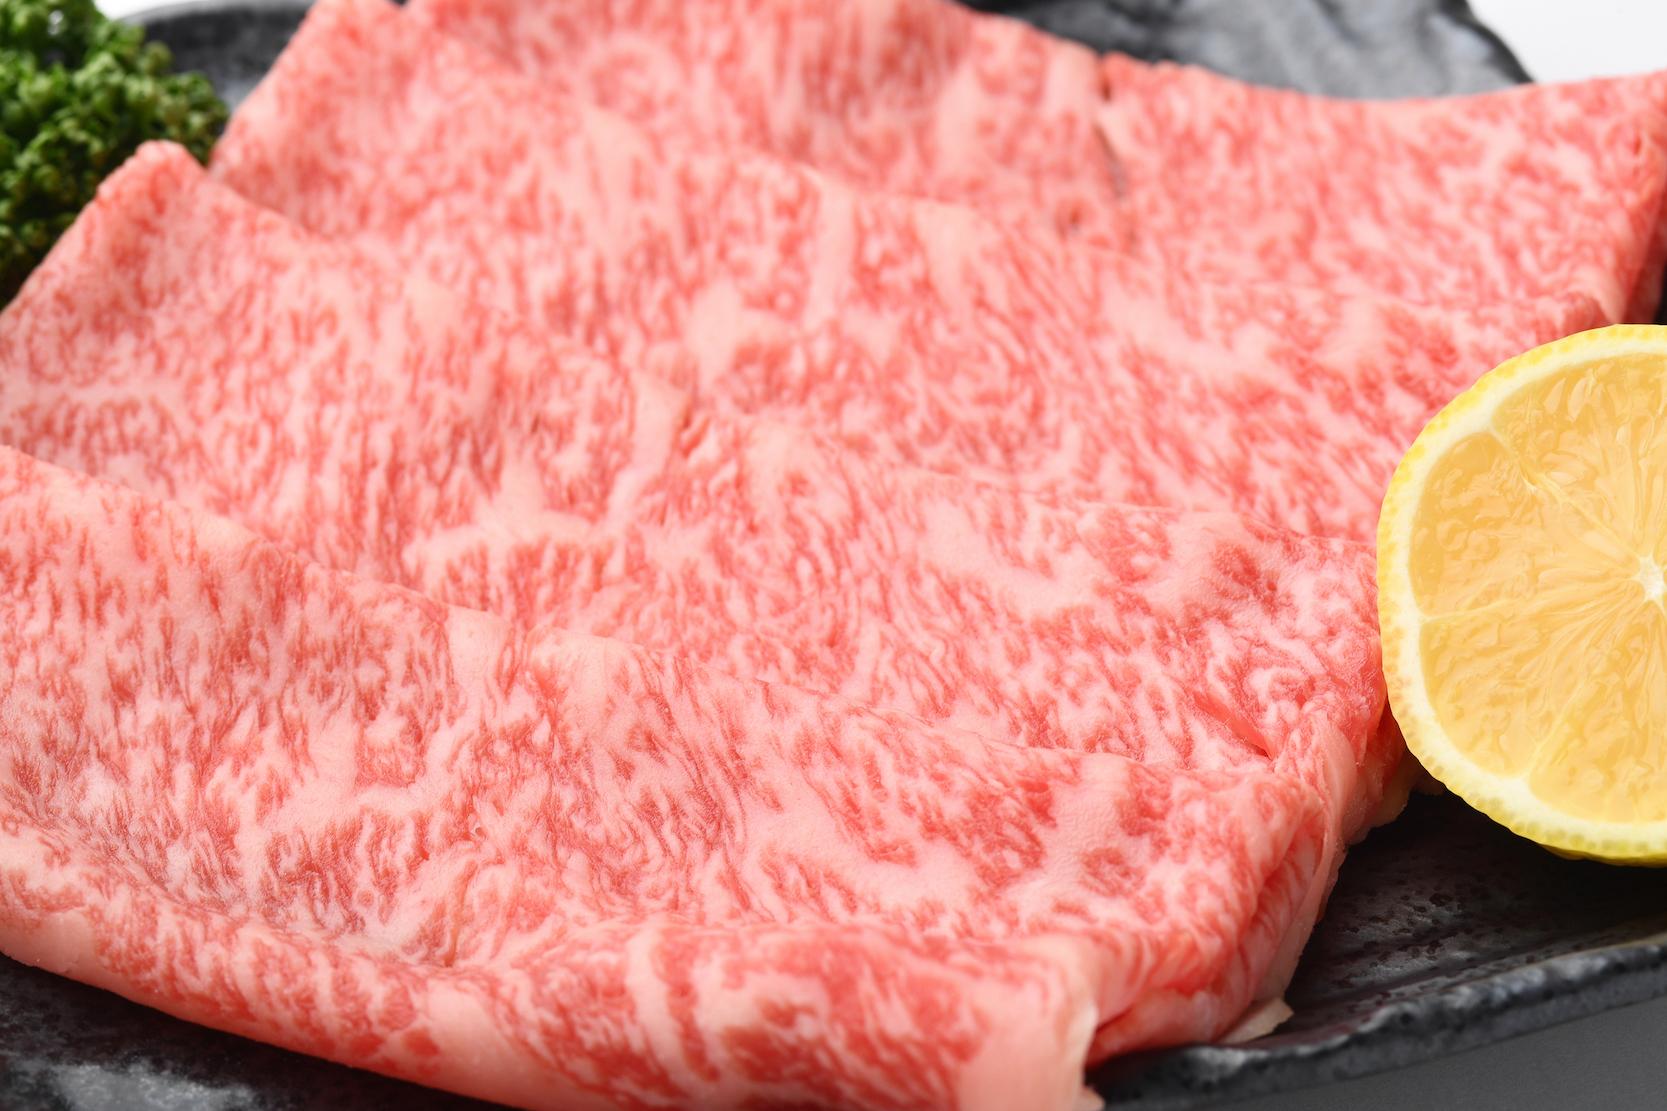 美味しい焼く肉の食べ方